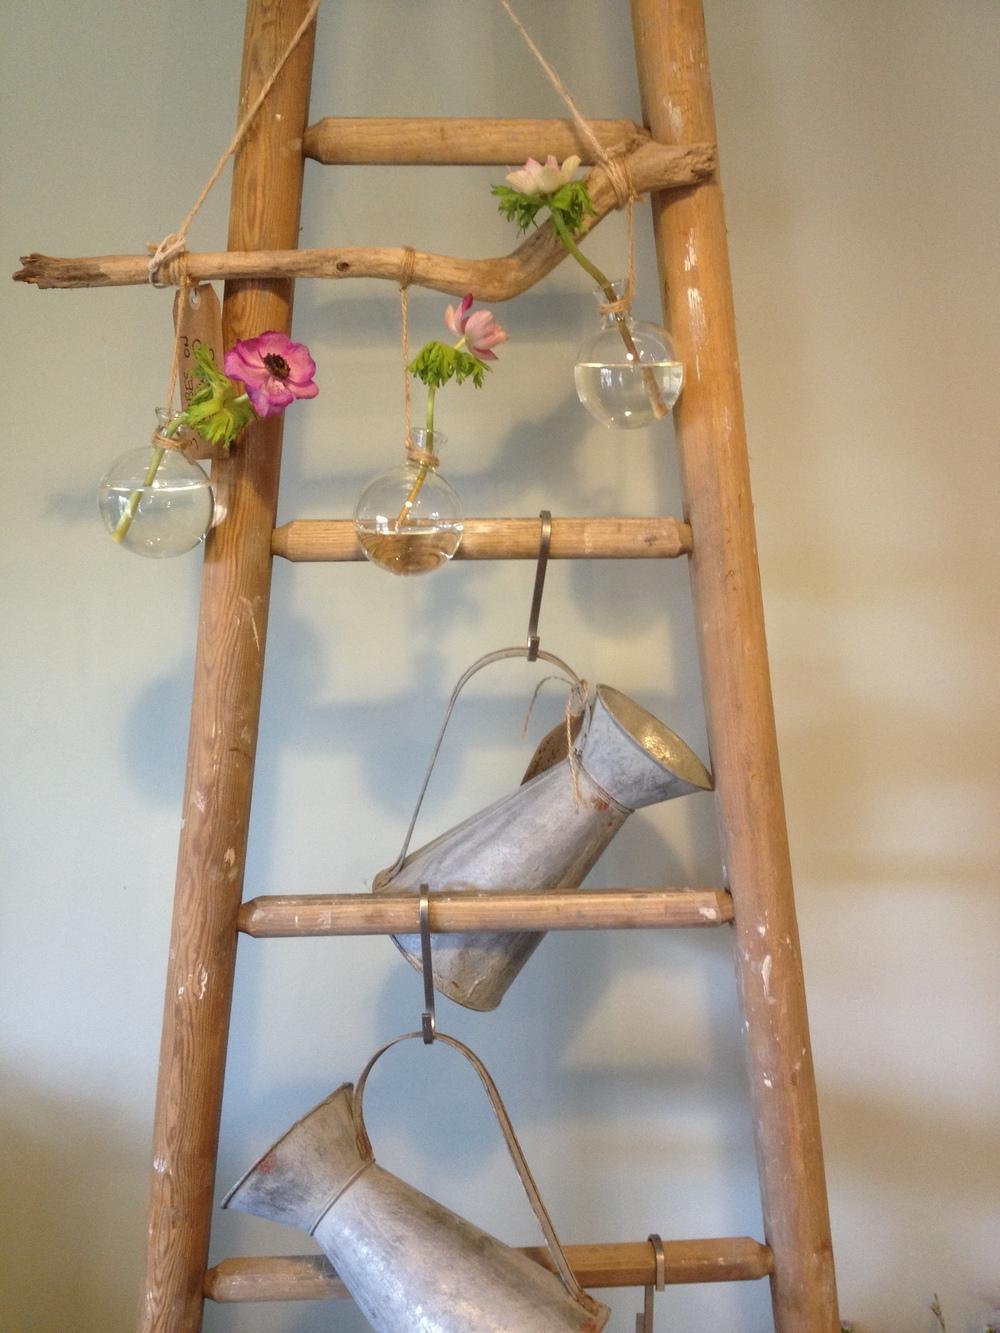 Driftwood Sculpture & French Zinc Jugs